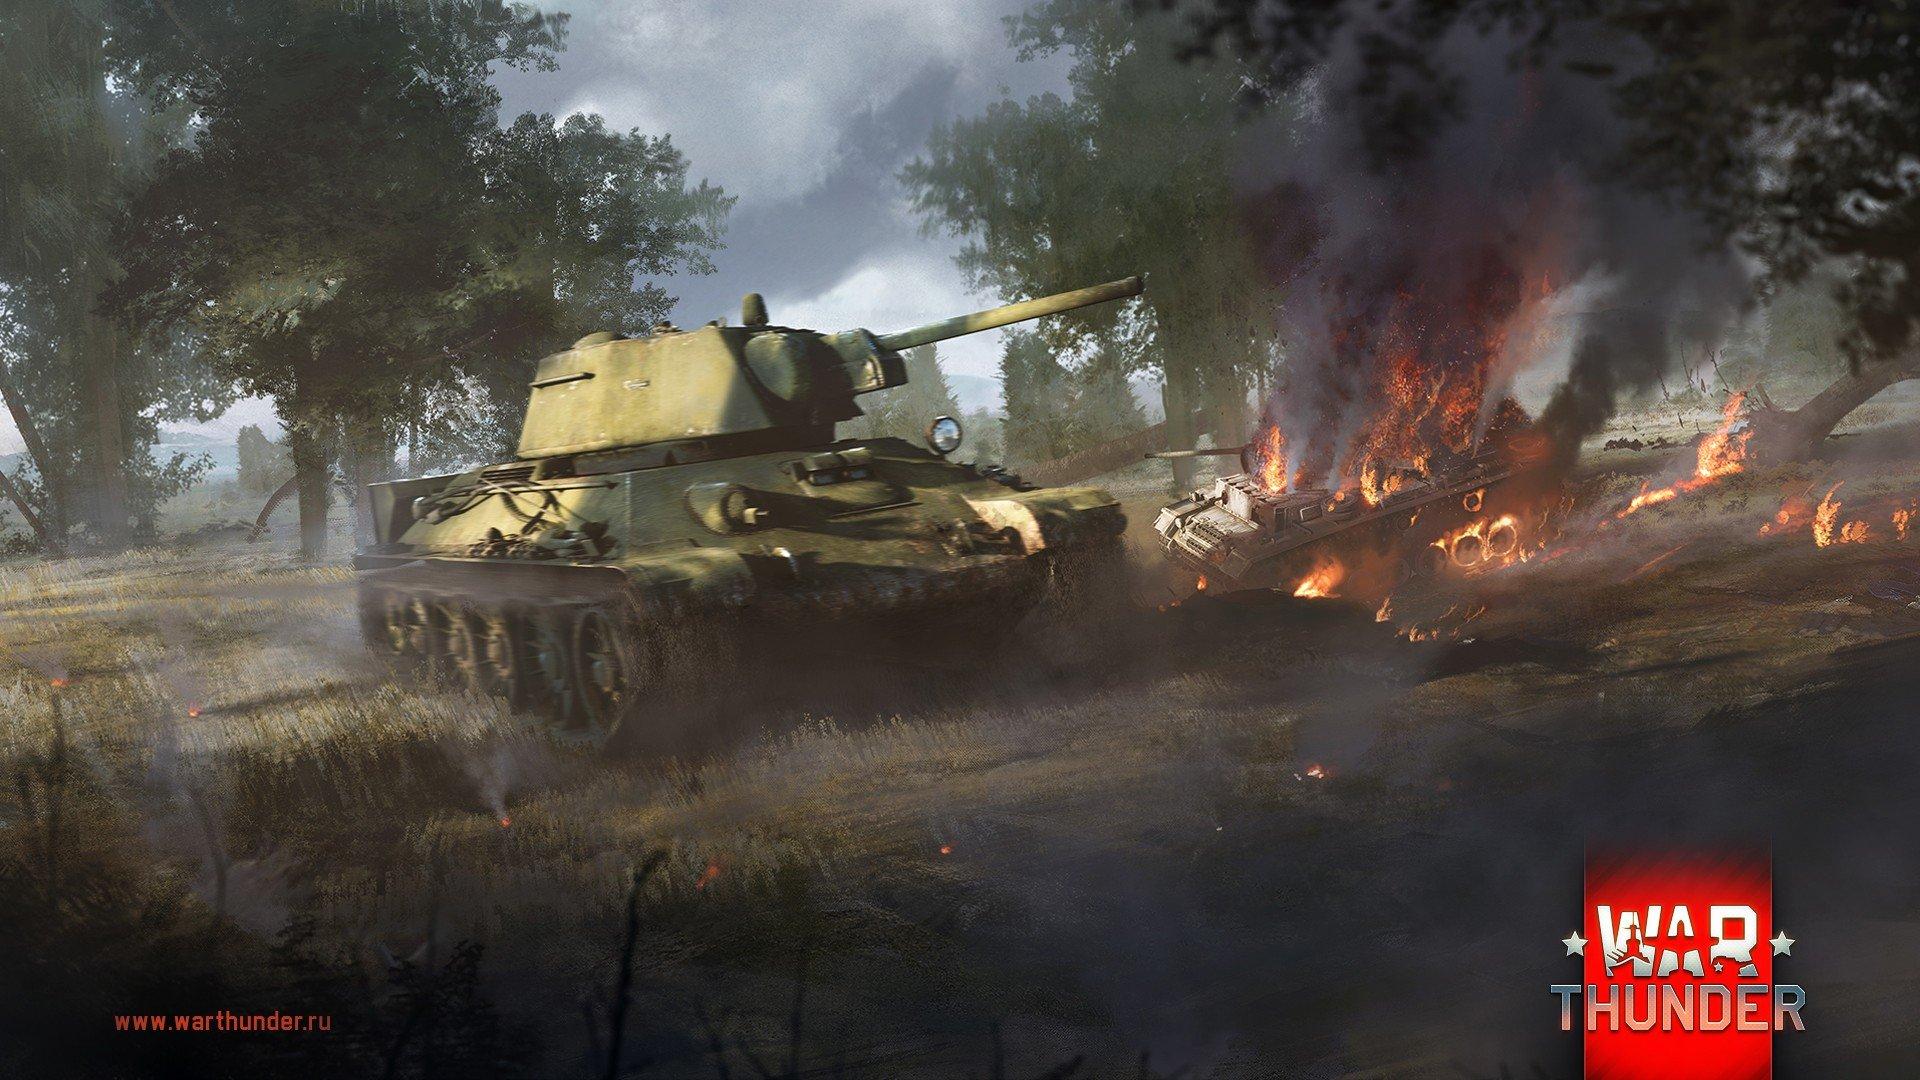 war thunder wallpaper tanks